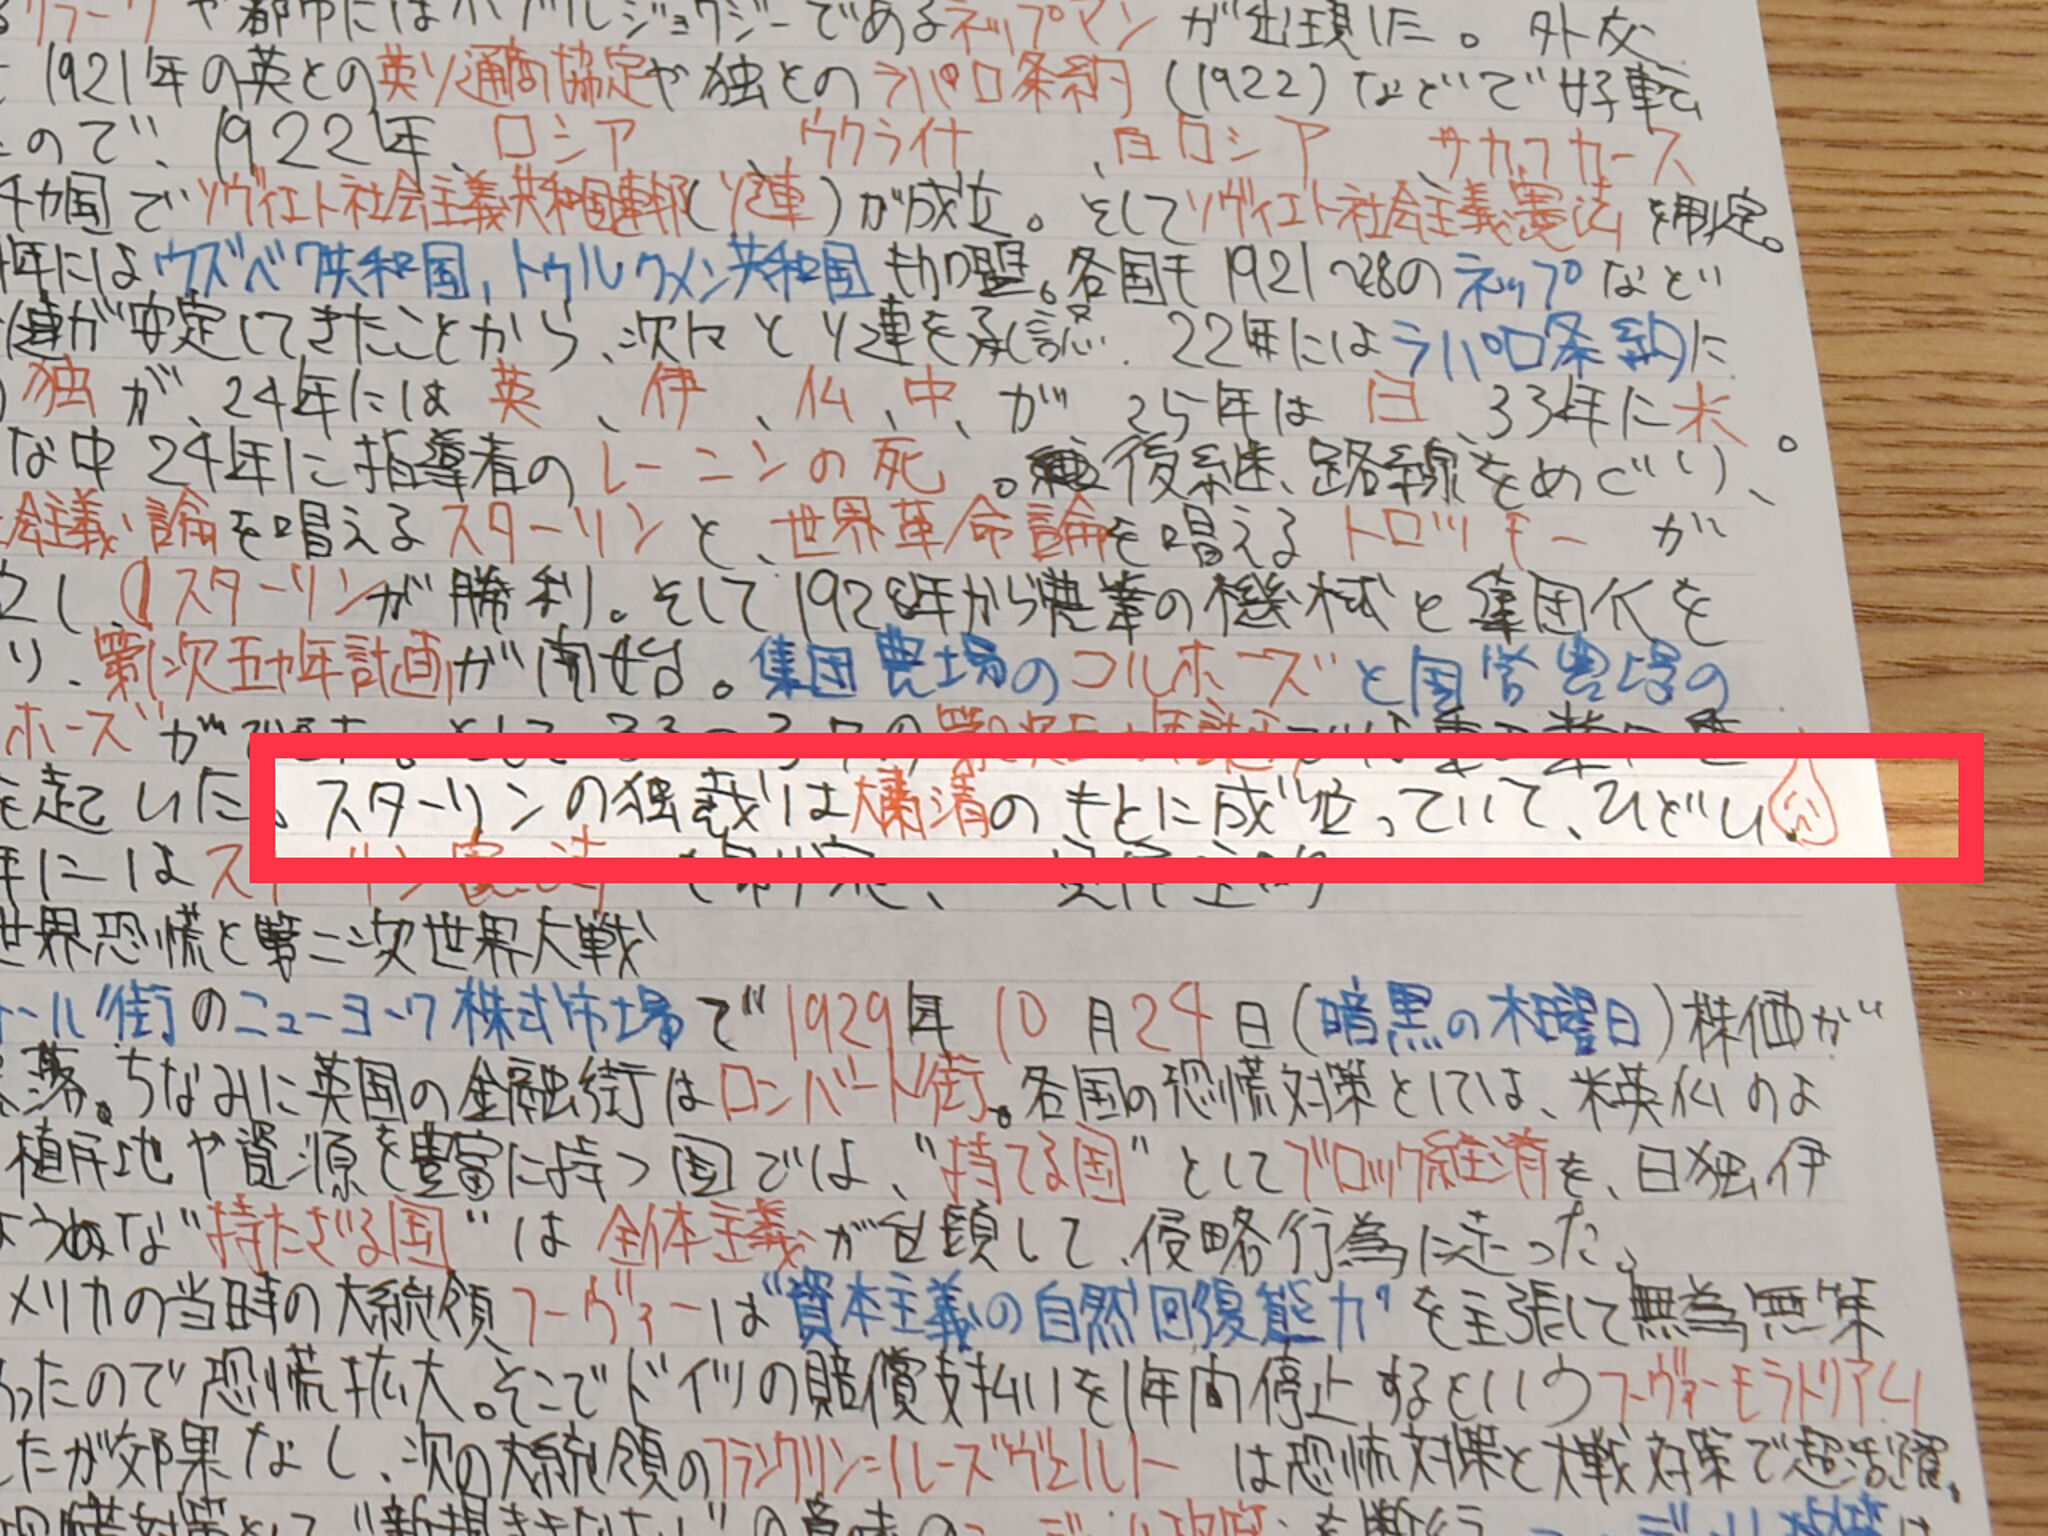 青木源太さんのノート画像